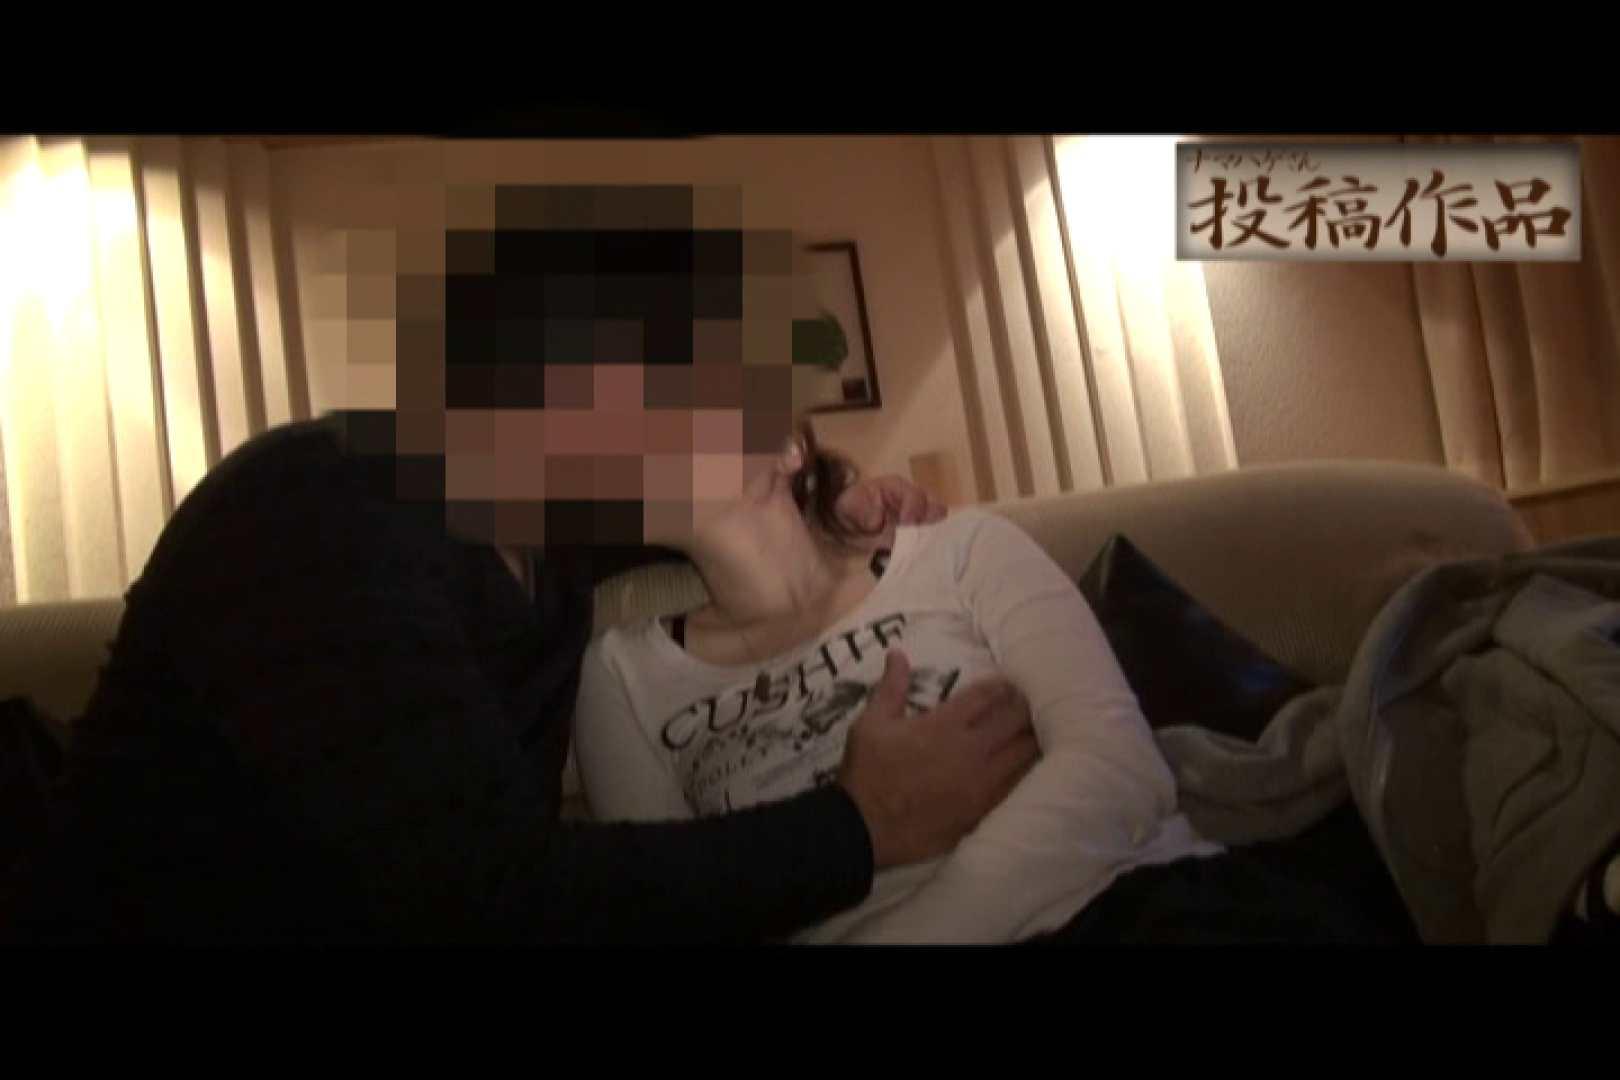 ナマハゲさんのまんこコレクション sakura 盗撮  82pic 2